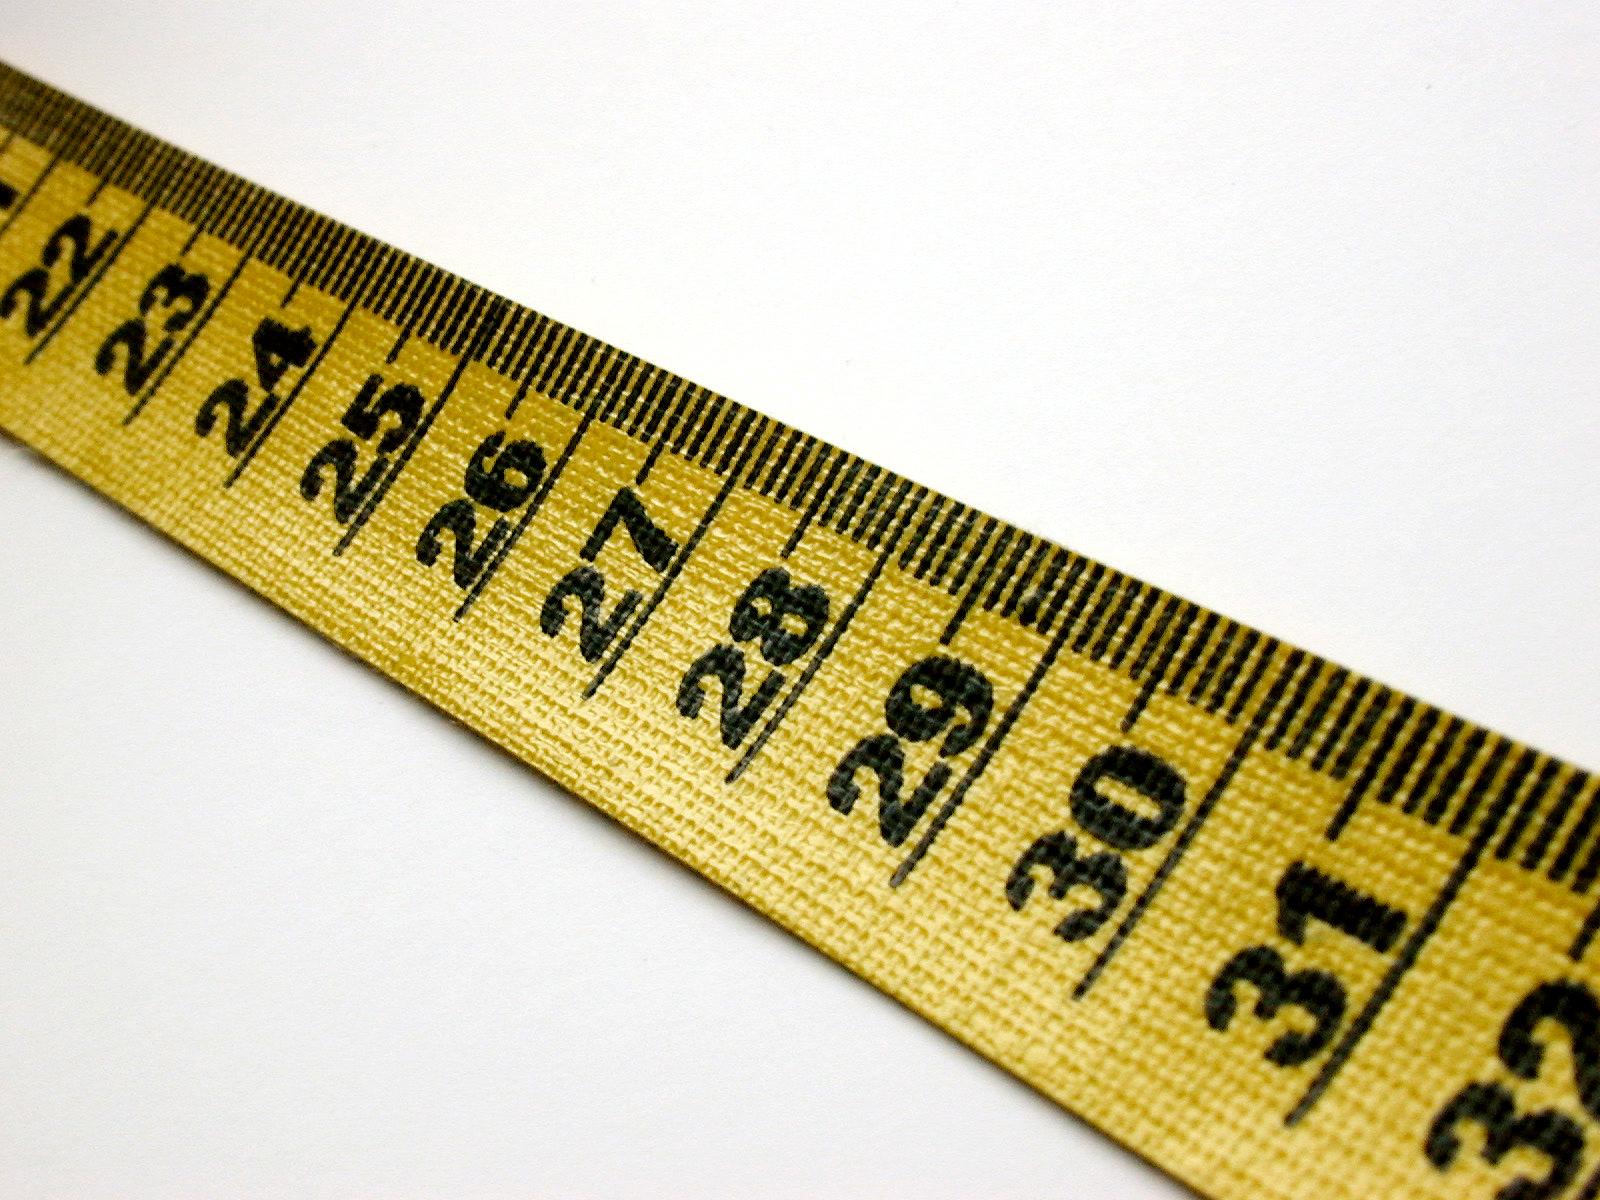 Длина мужского члена 21 фотография